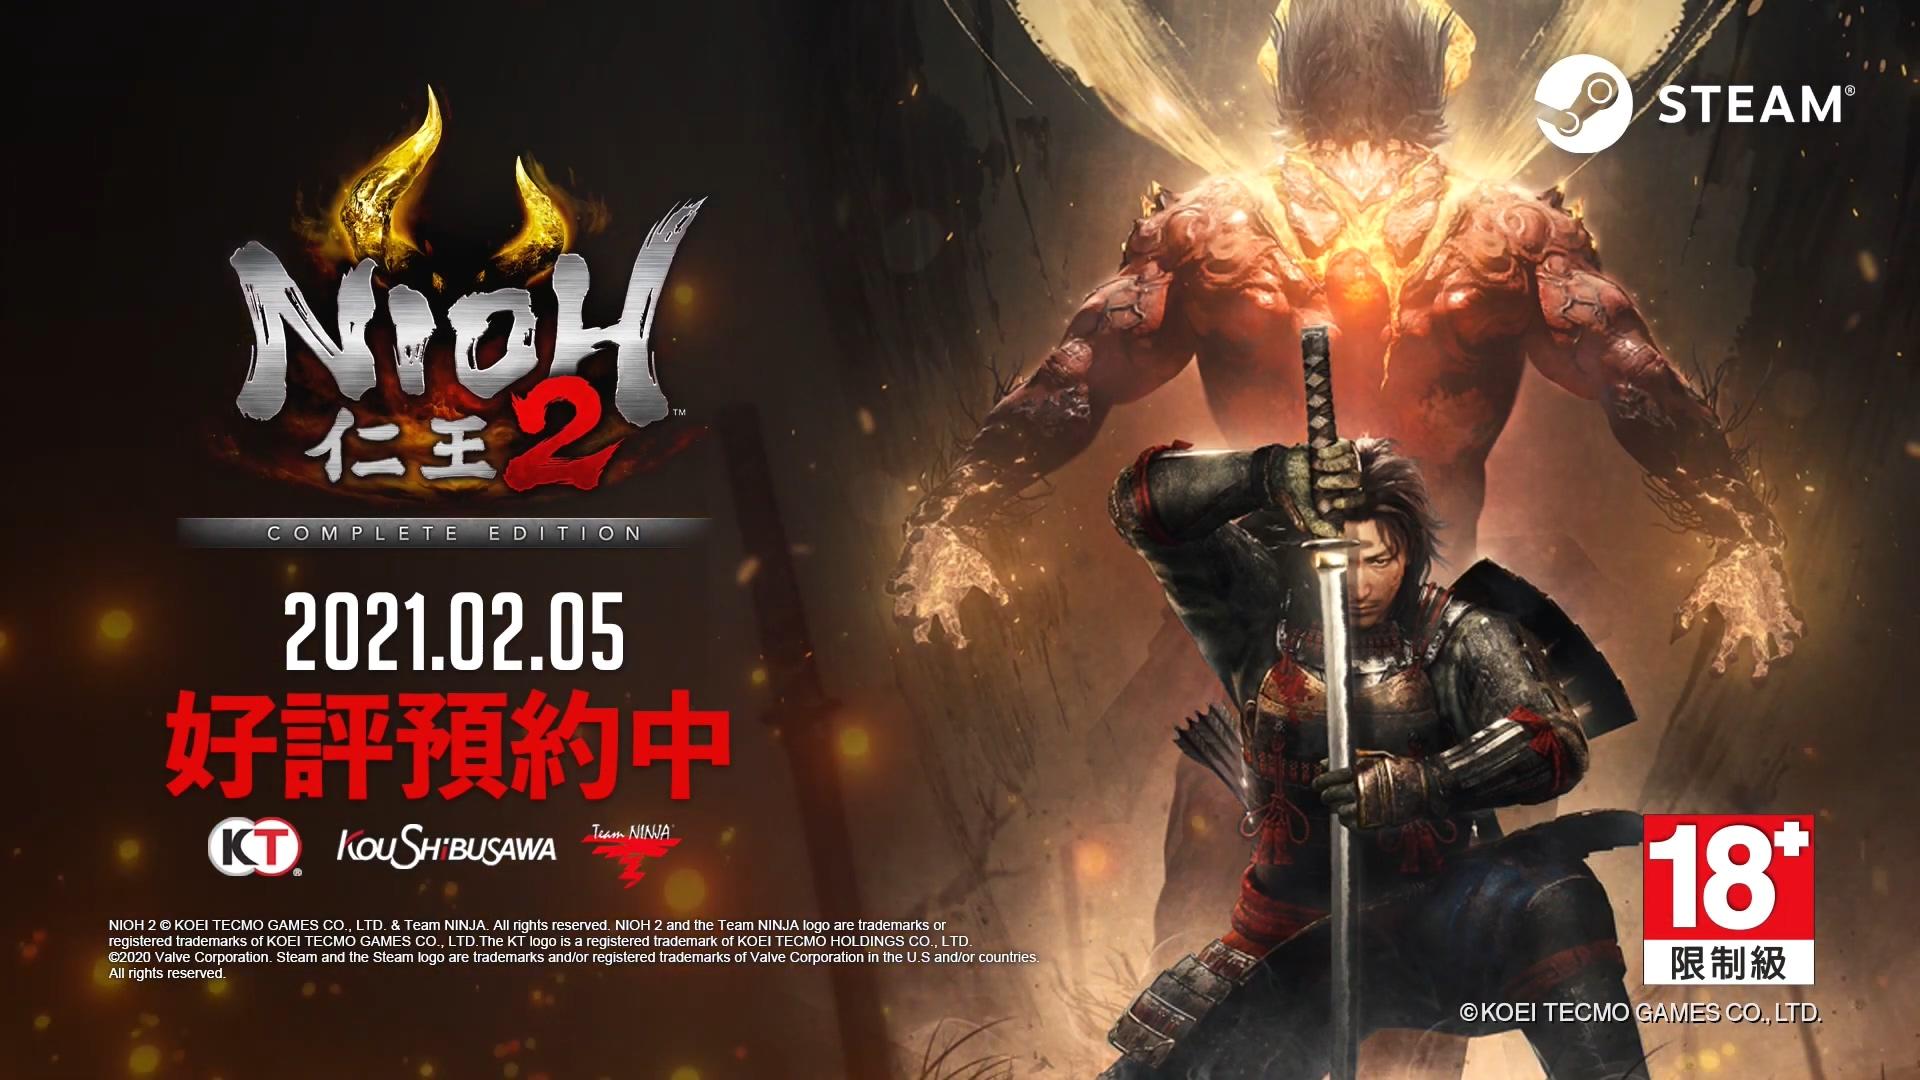 《仁王2:完全版》国区售价249元 配置需求公布